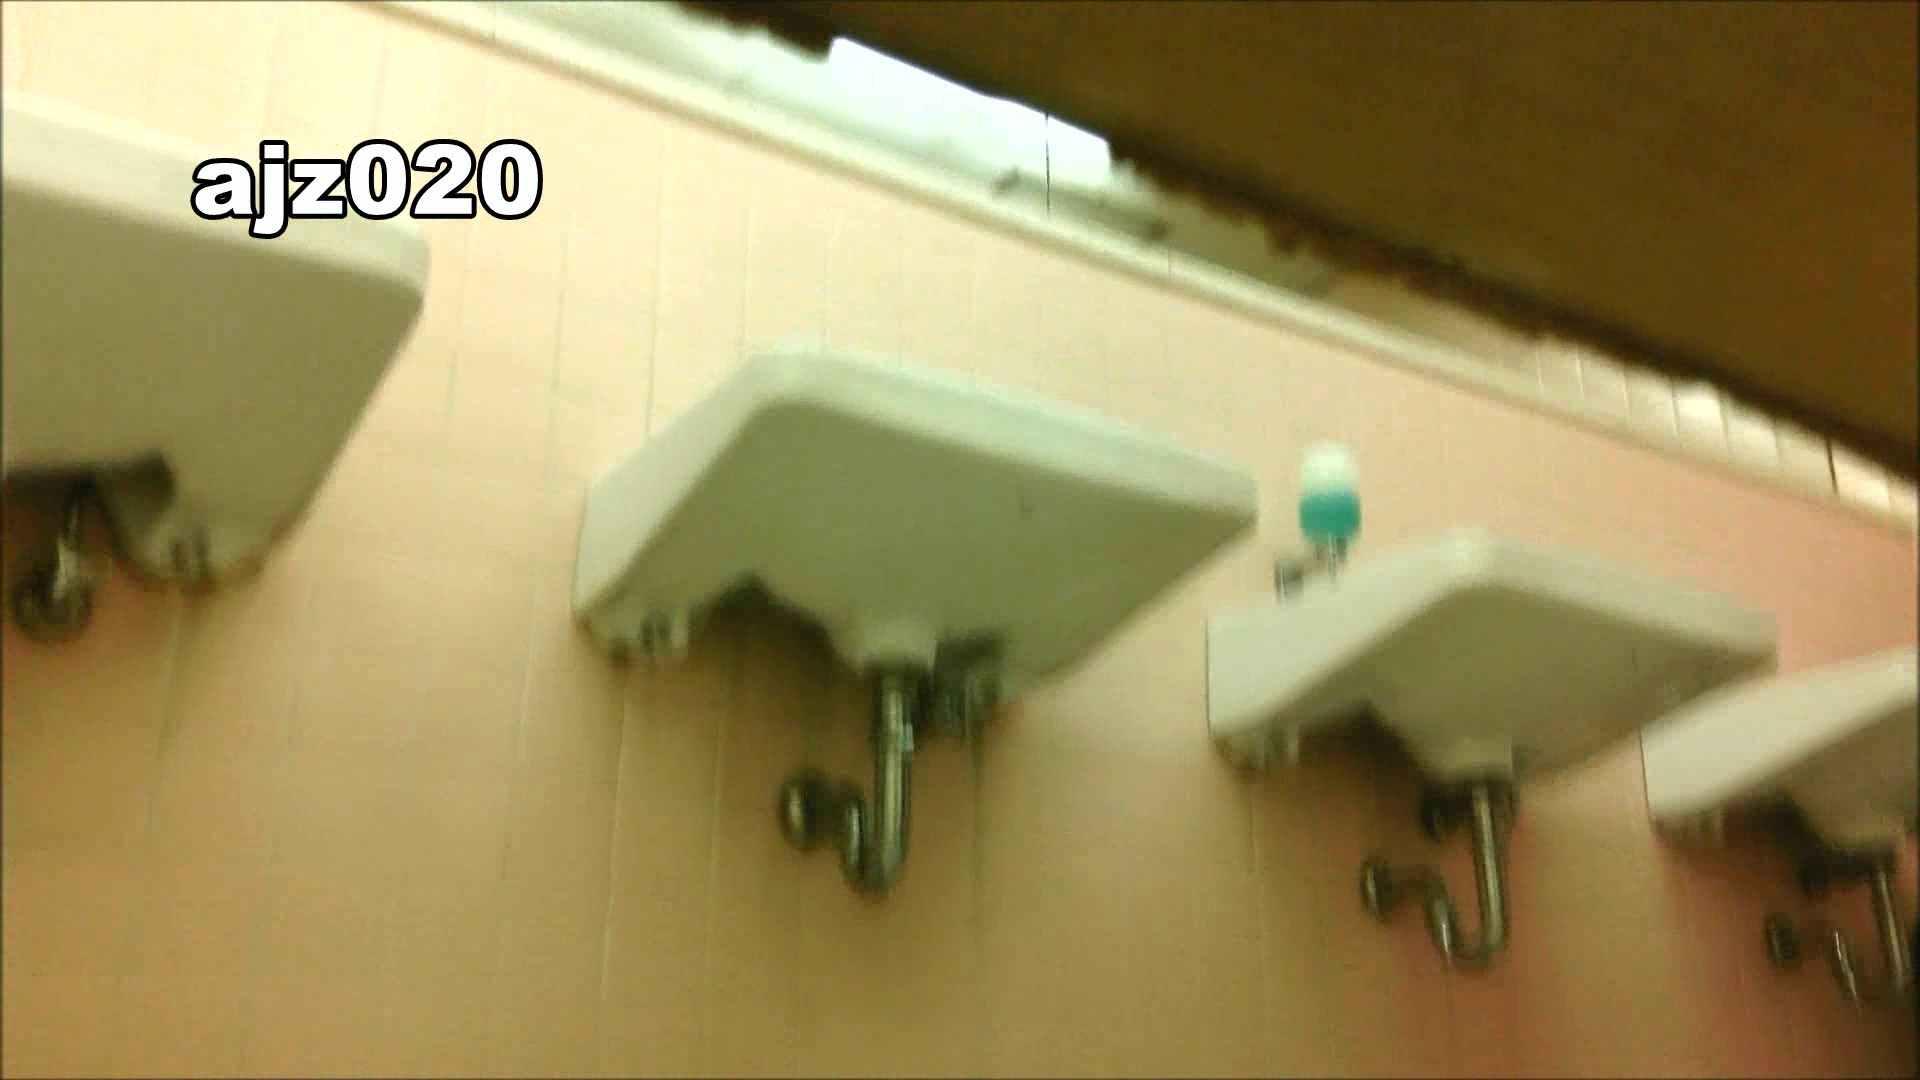 某有名大学女性洗面所 vol.20 洗面所  76PIX 49